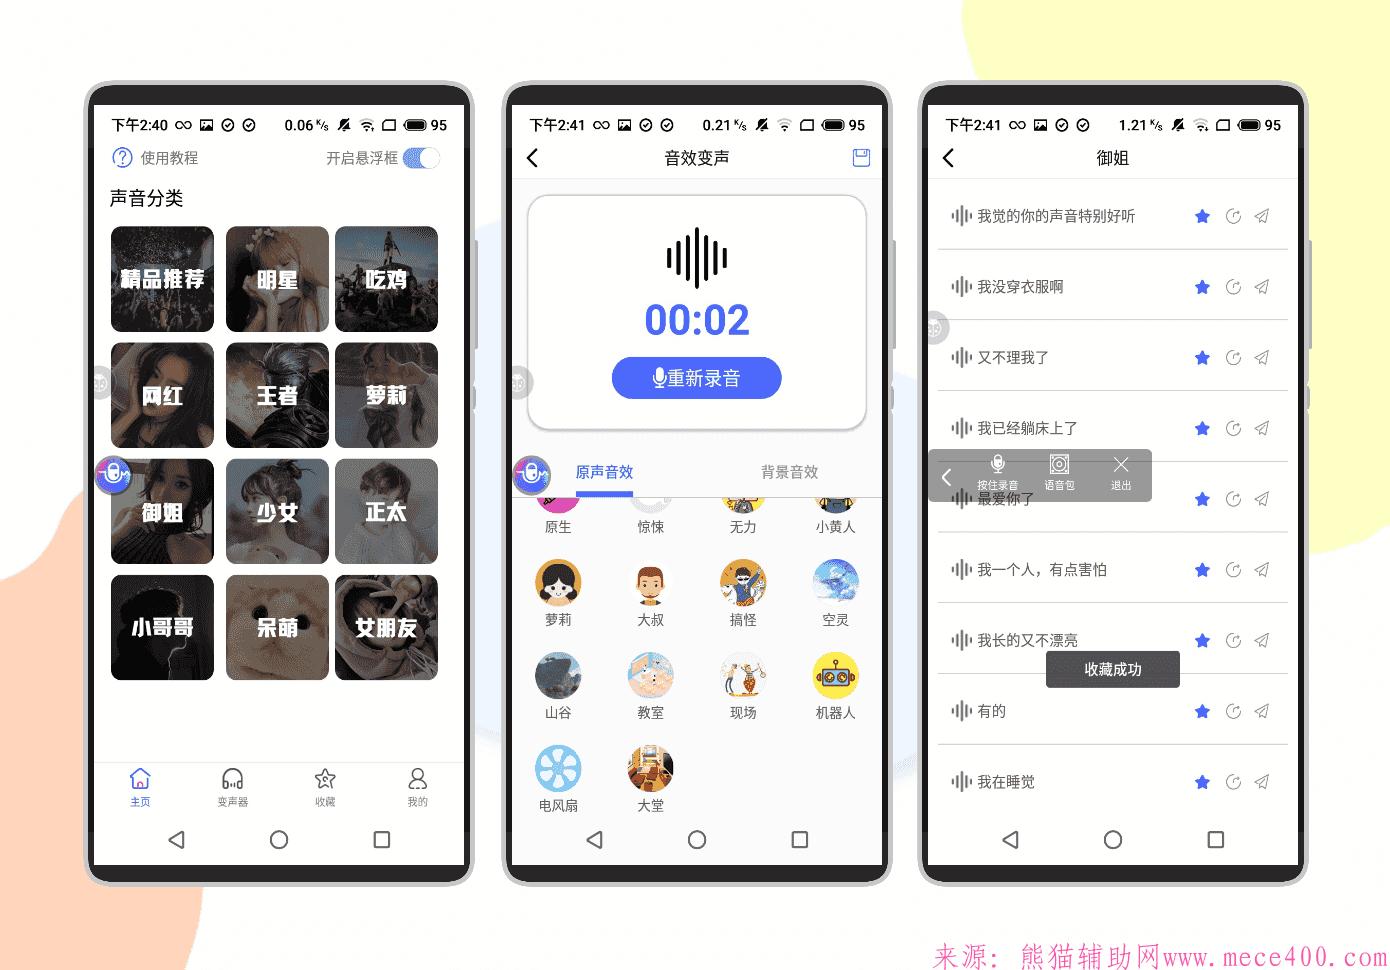 精品语音包支持聊天游戏变声功能